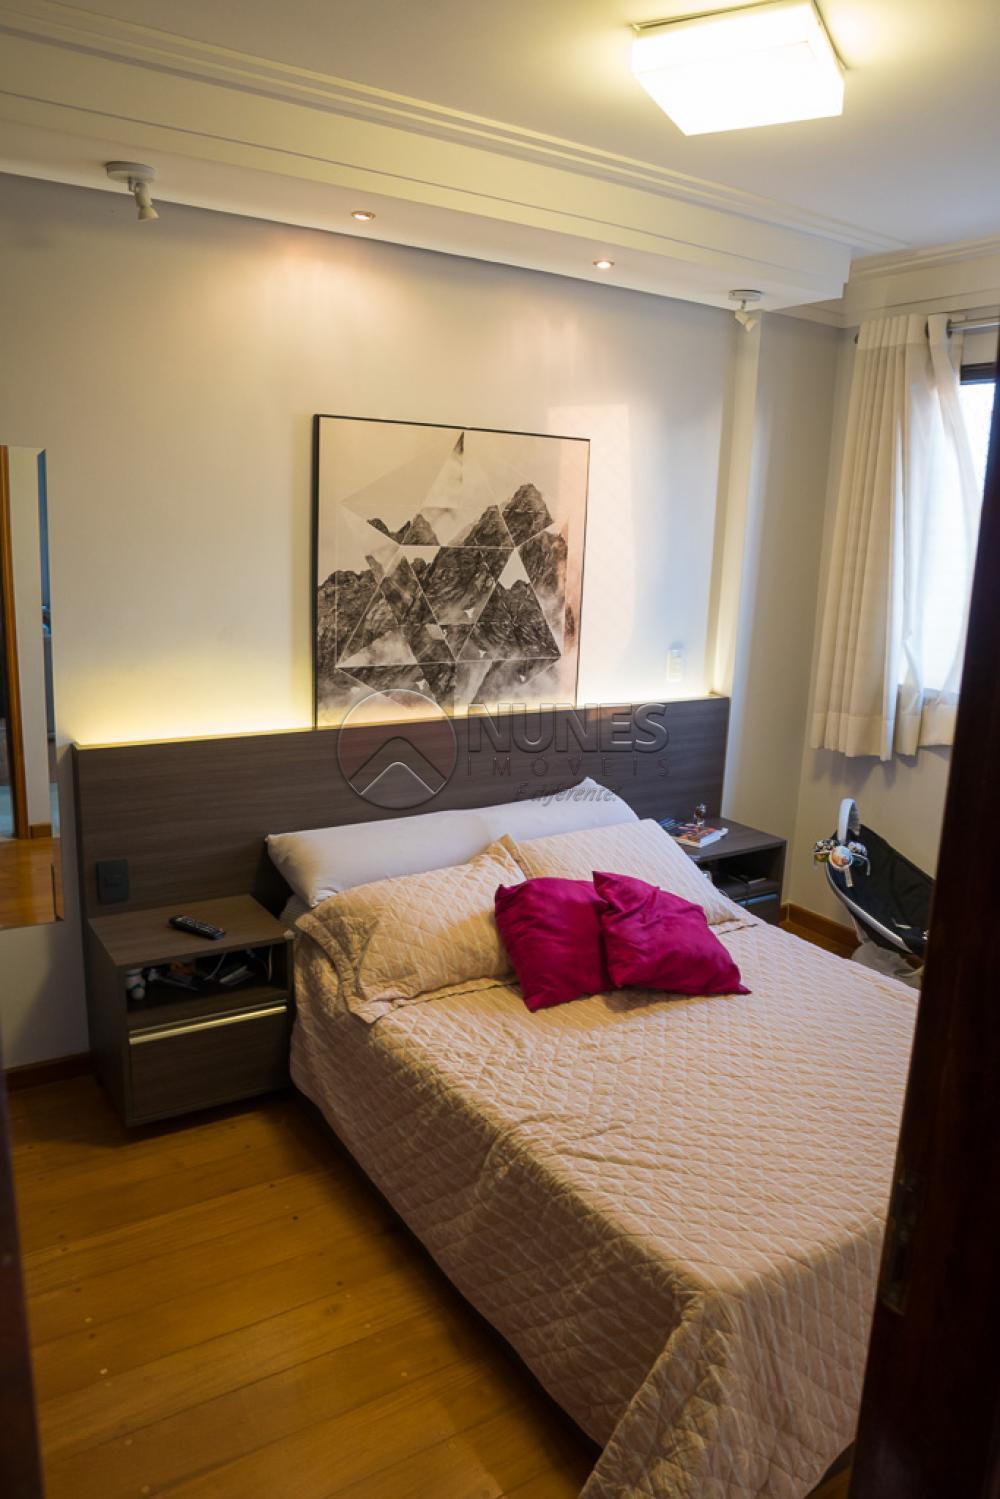 Comprar Apartamento / Padrão em Osasco apenas R$ 550.000,00 - Foto 5